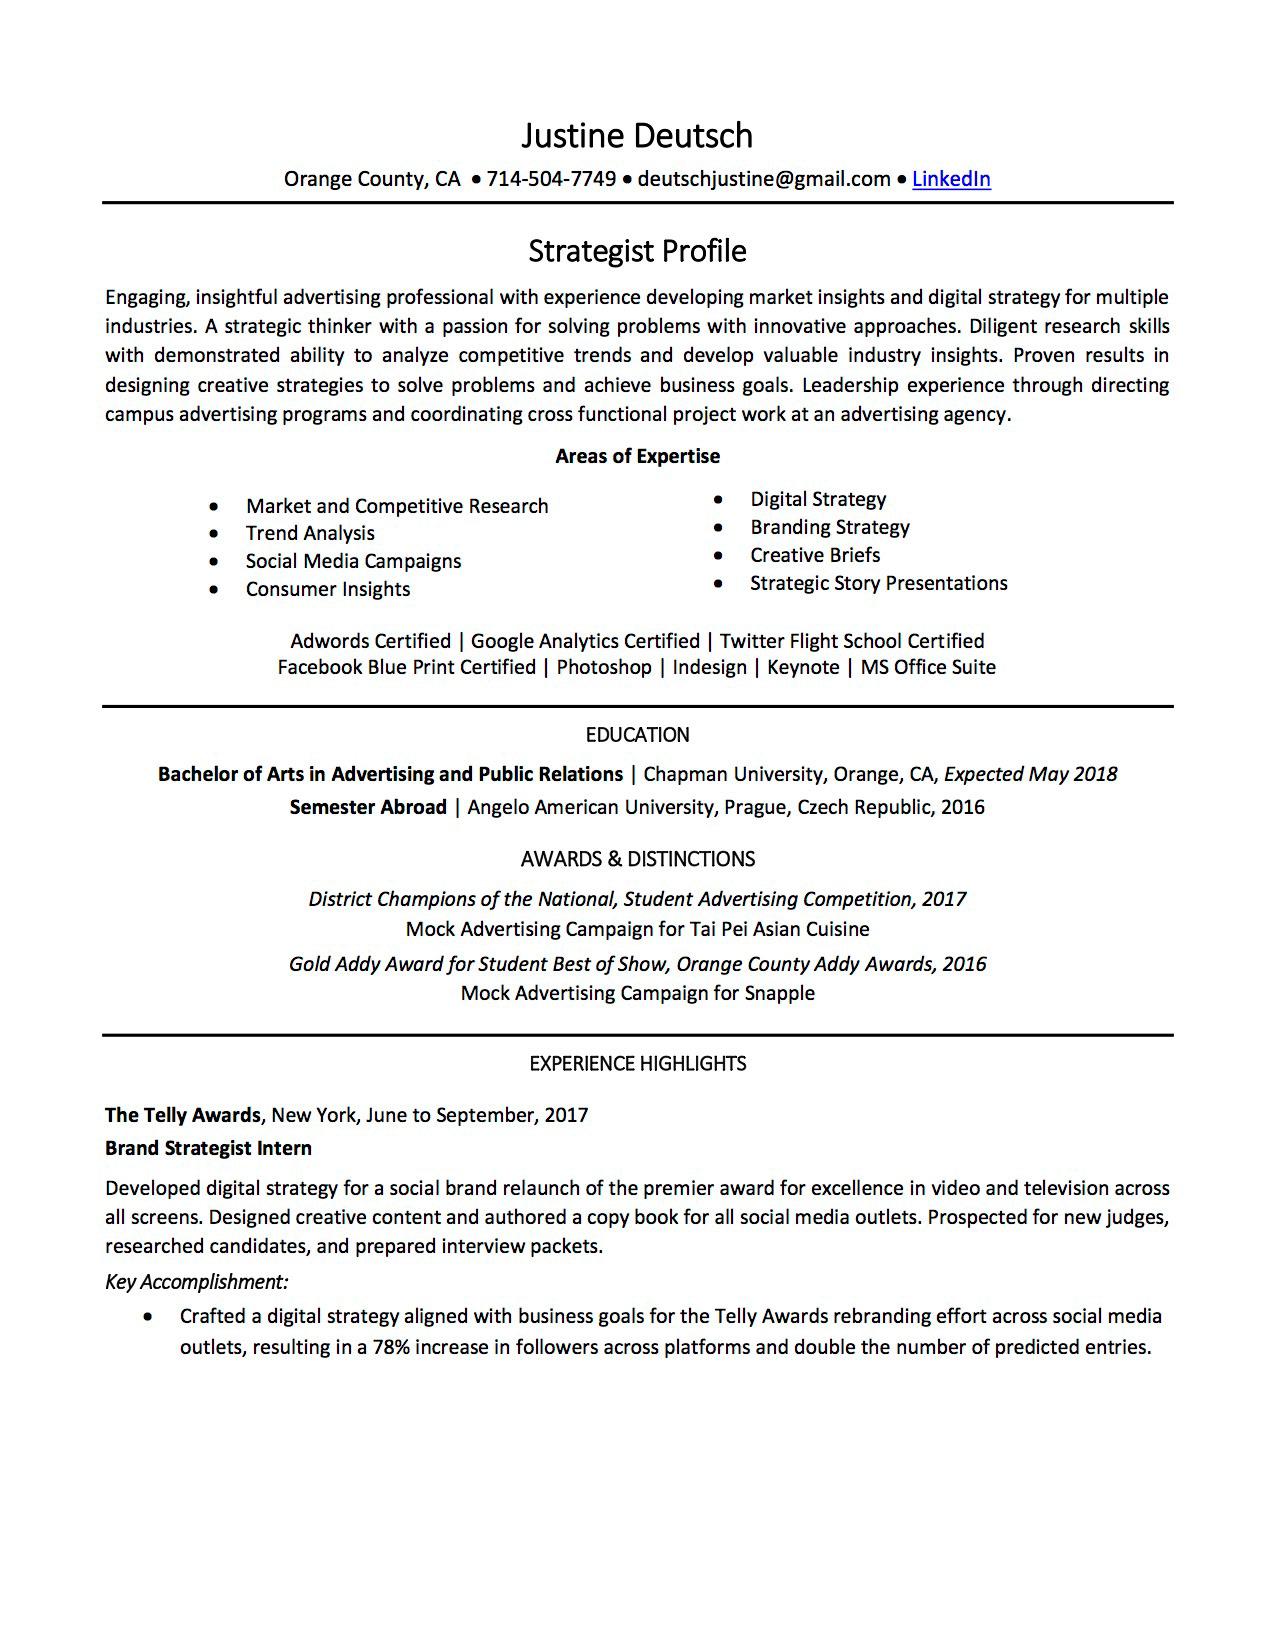 Justine Deutsch - Resume